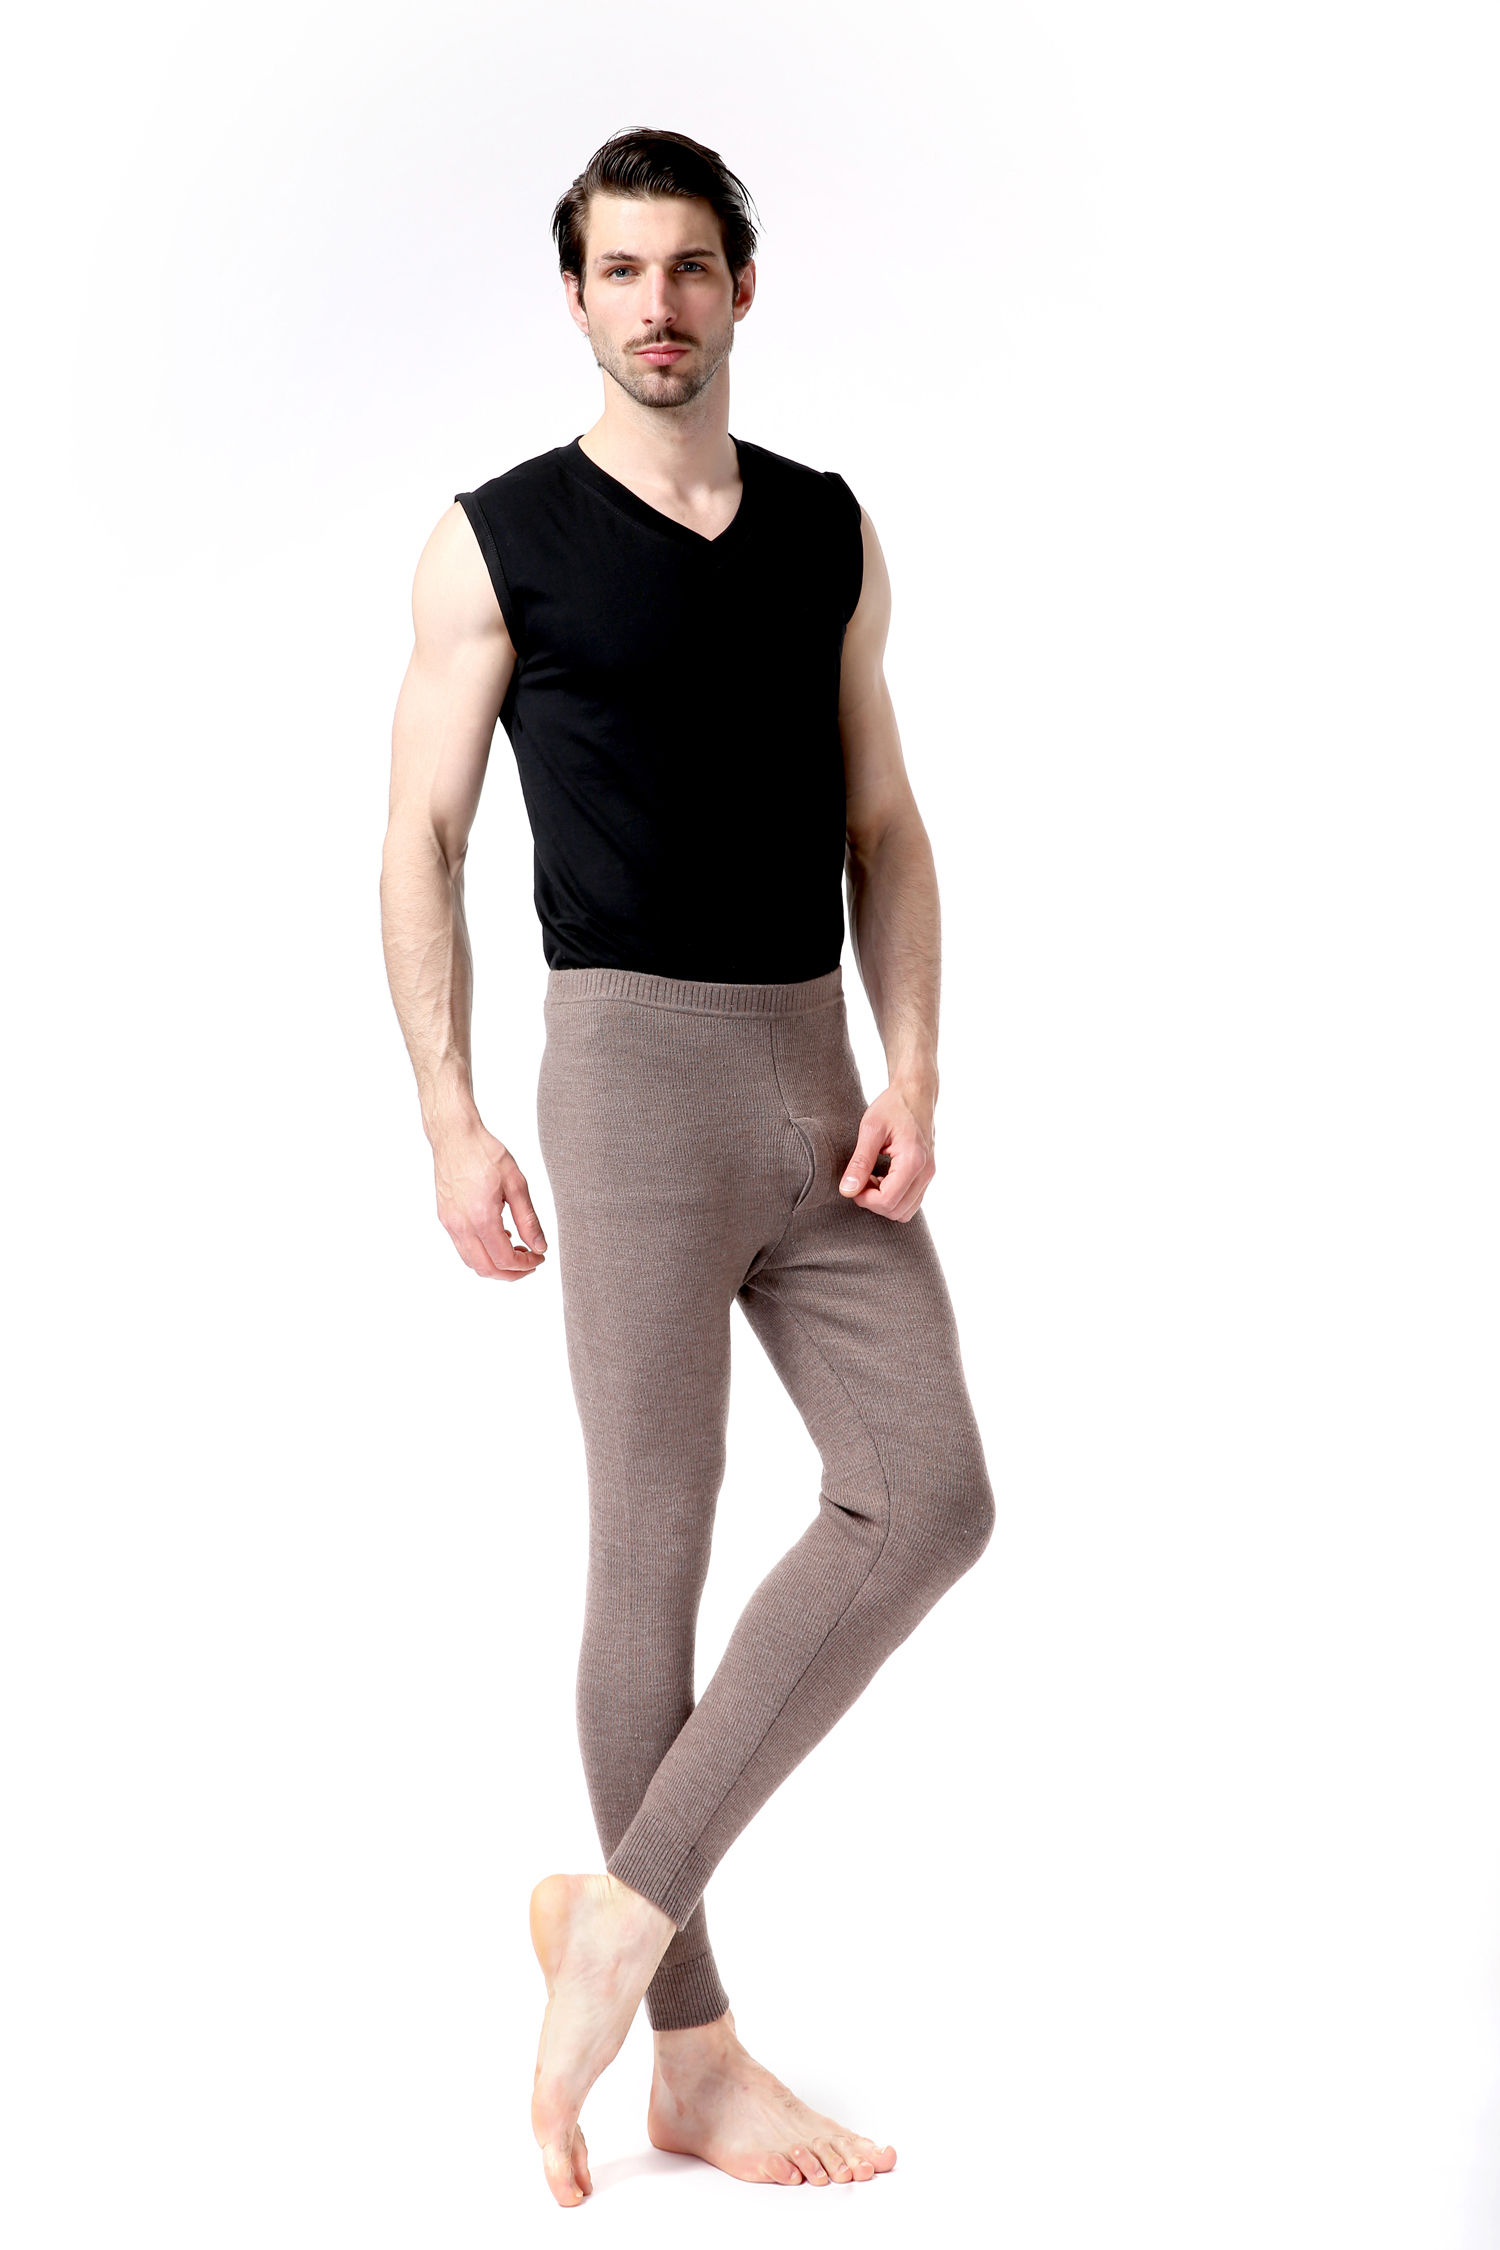 都兰诺斯澳毛男抽条裤加工厂,推荐中昊绒业——个性男士打底绒裤